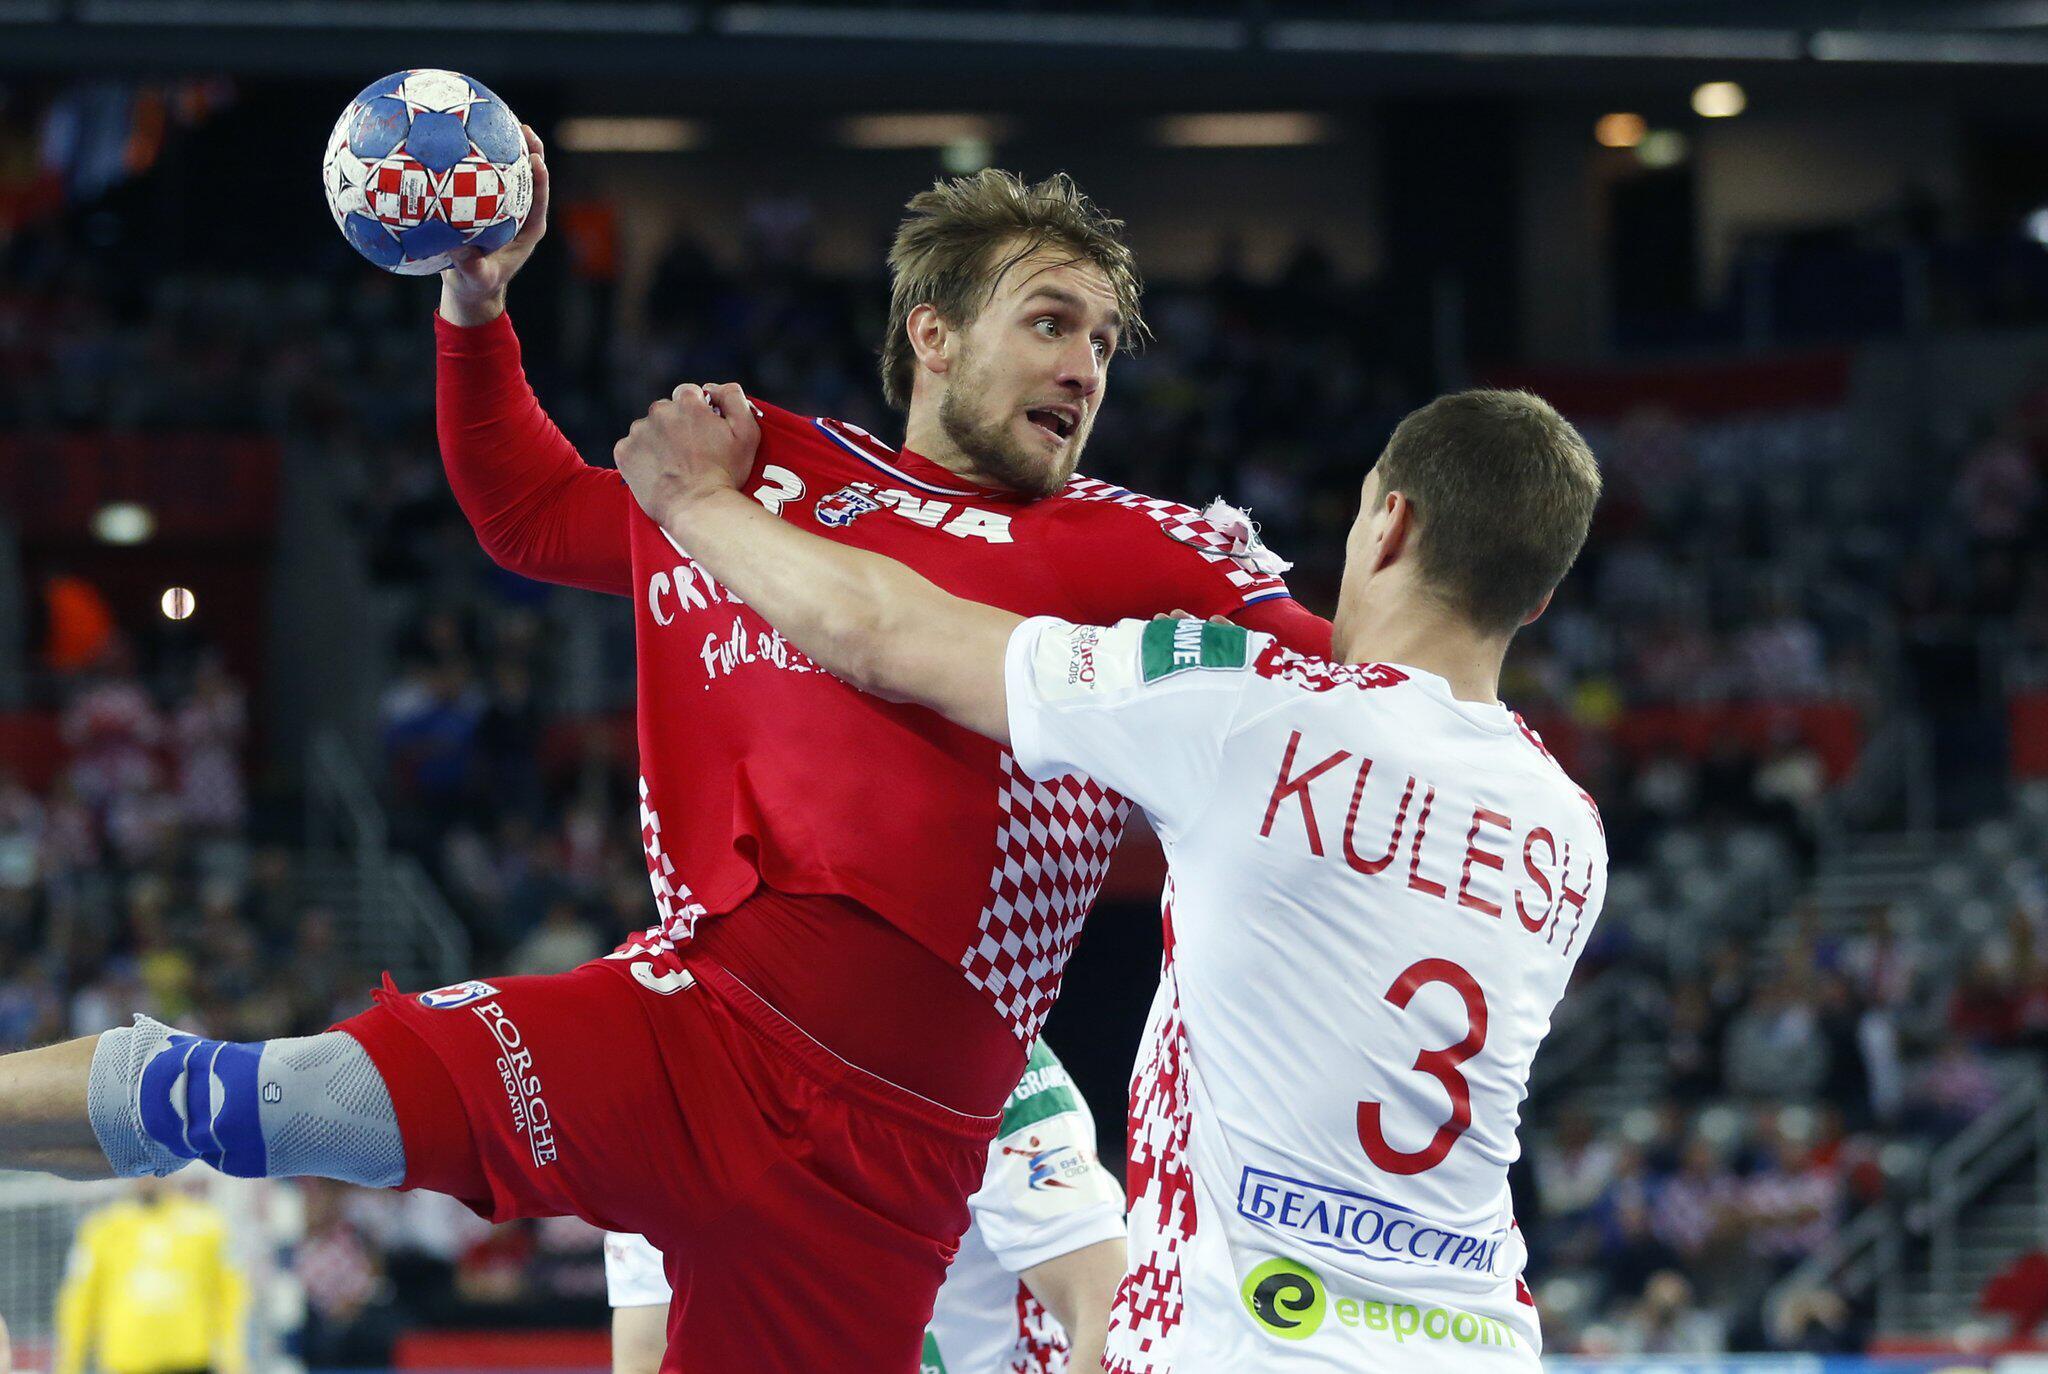 Handball Kroatien Norwegen Live